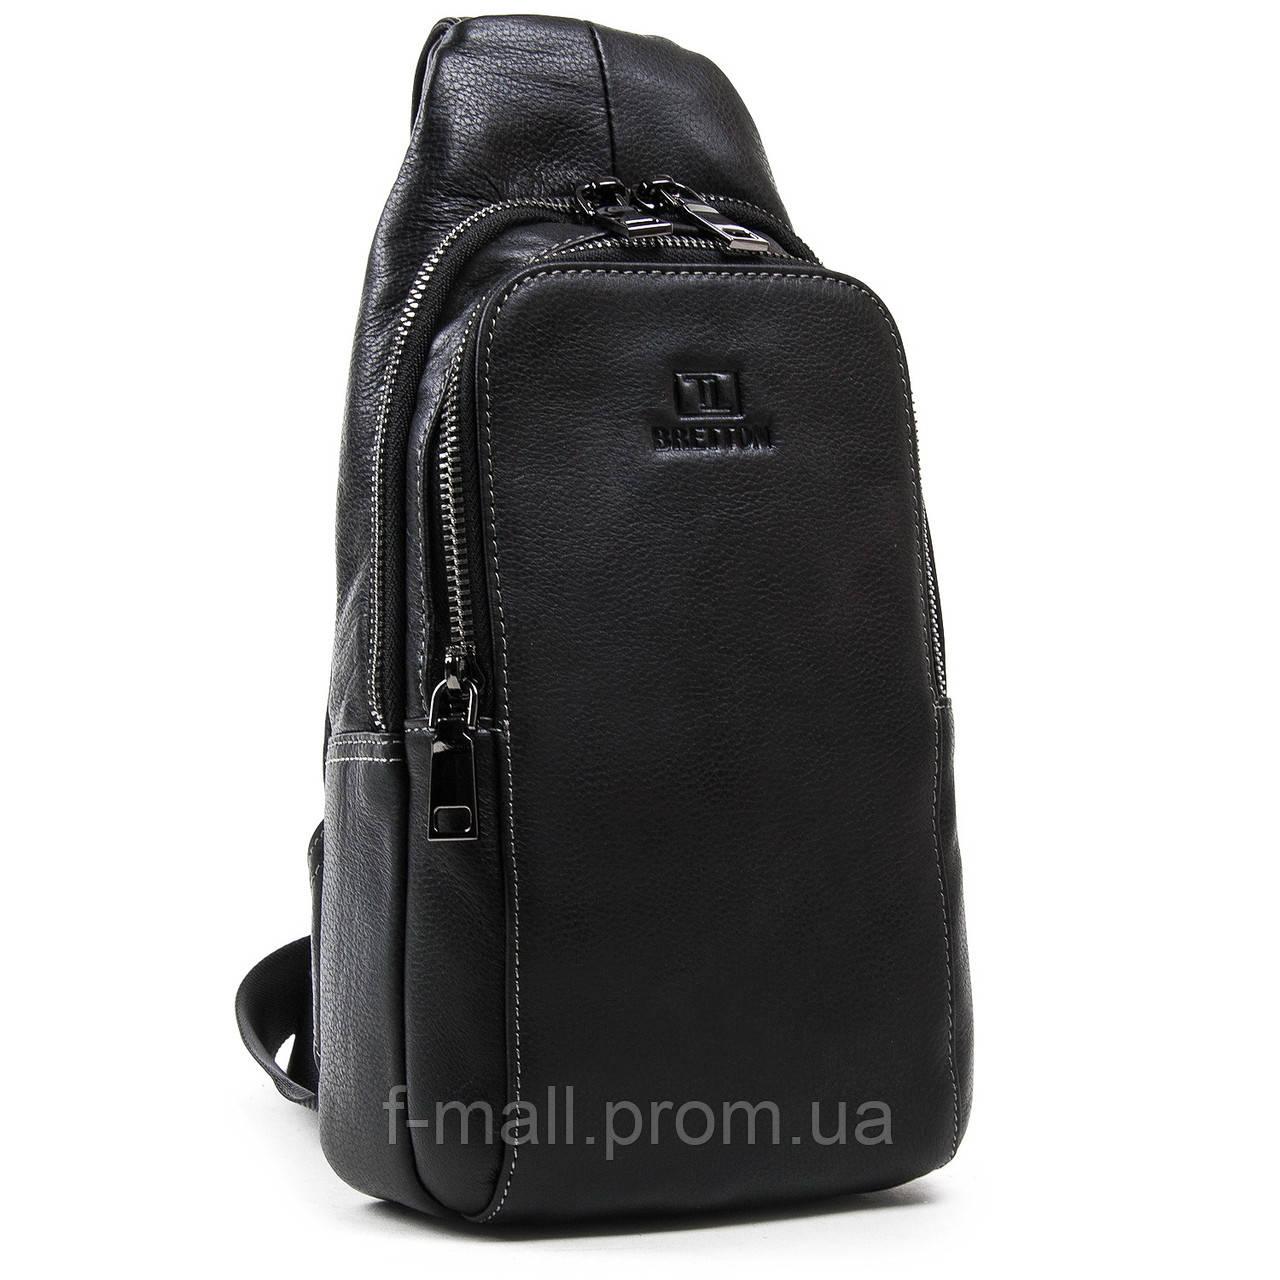 Рюкзак-сумка кожаная BRETTON через плечо слинг черная 18х31х9 (BE 2002-3)